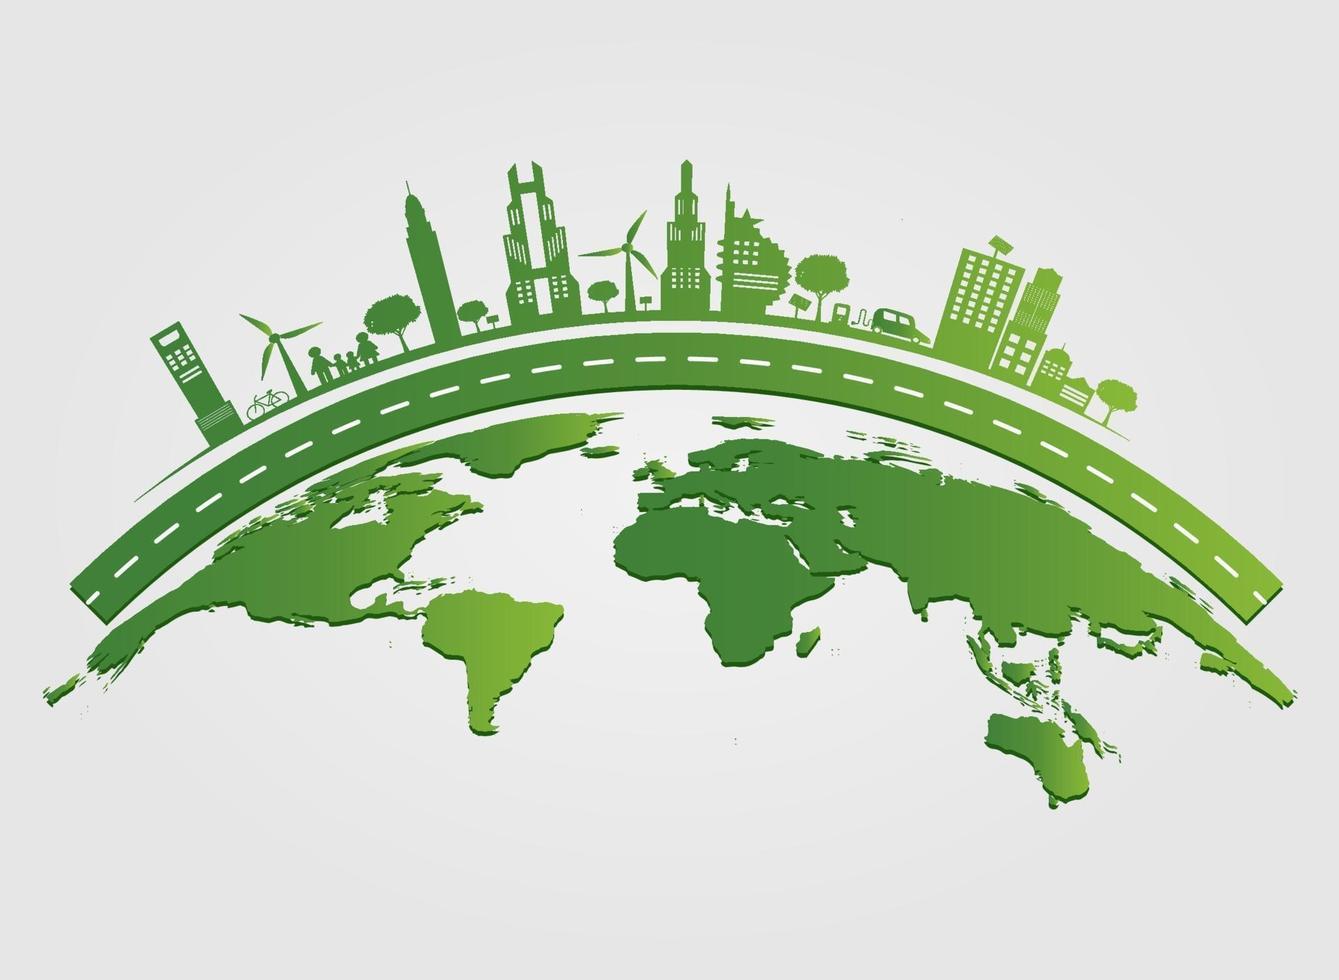 Ideen für Öko-Stadt-Konzepte vektor